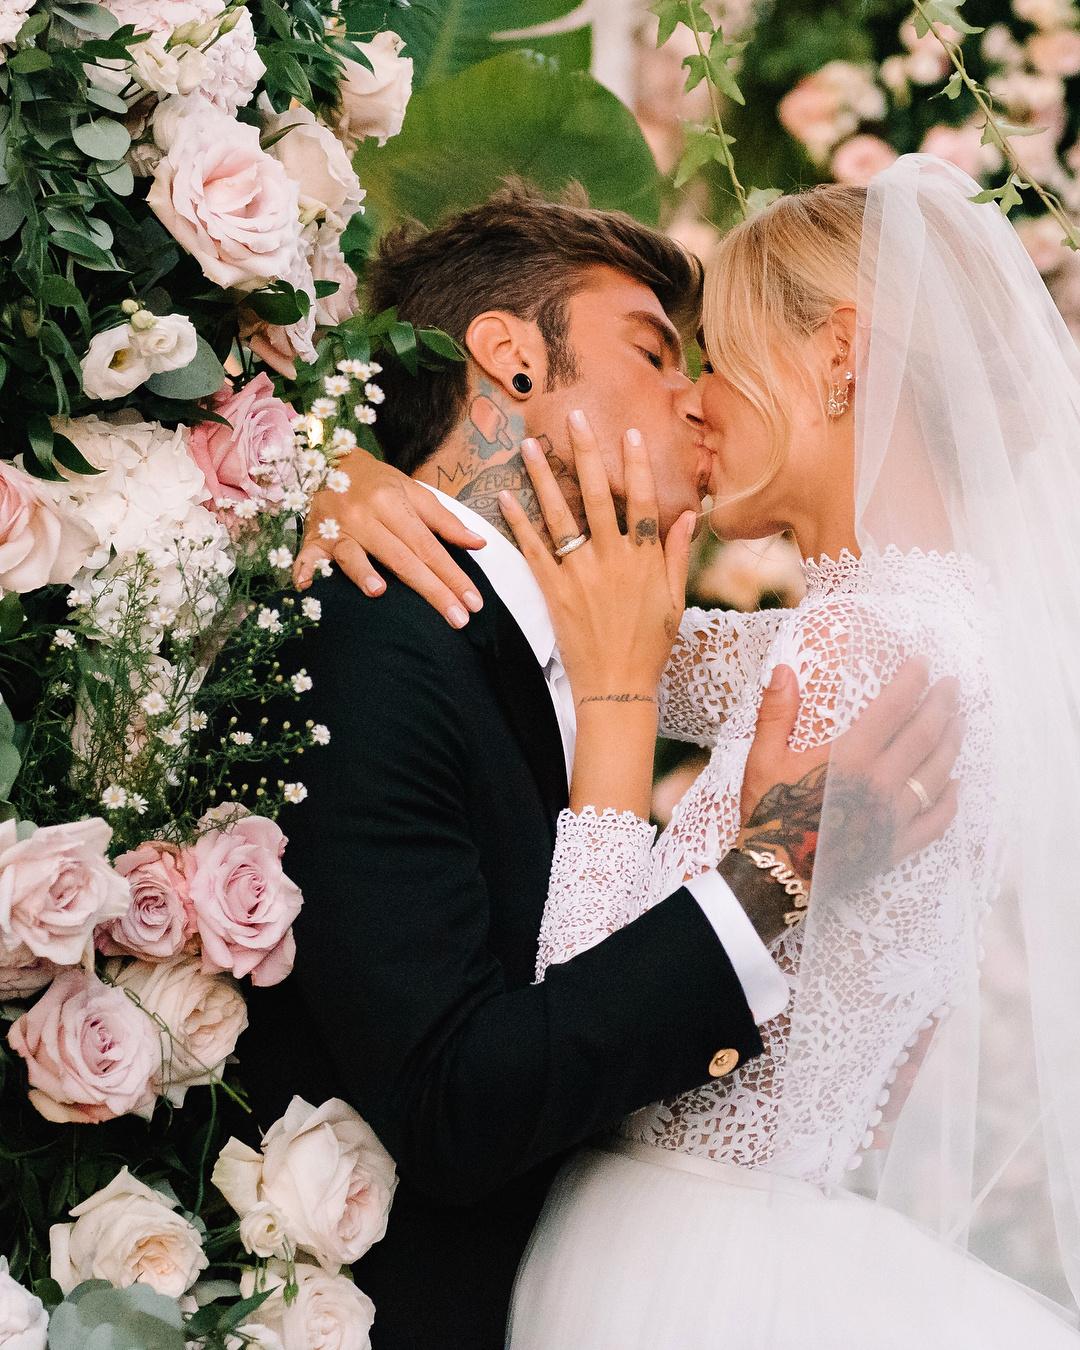 Свадьба Кьяры Ферраньи и Федерико Лючия: детали, идеи, вдохновение